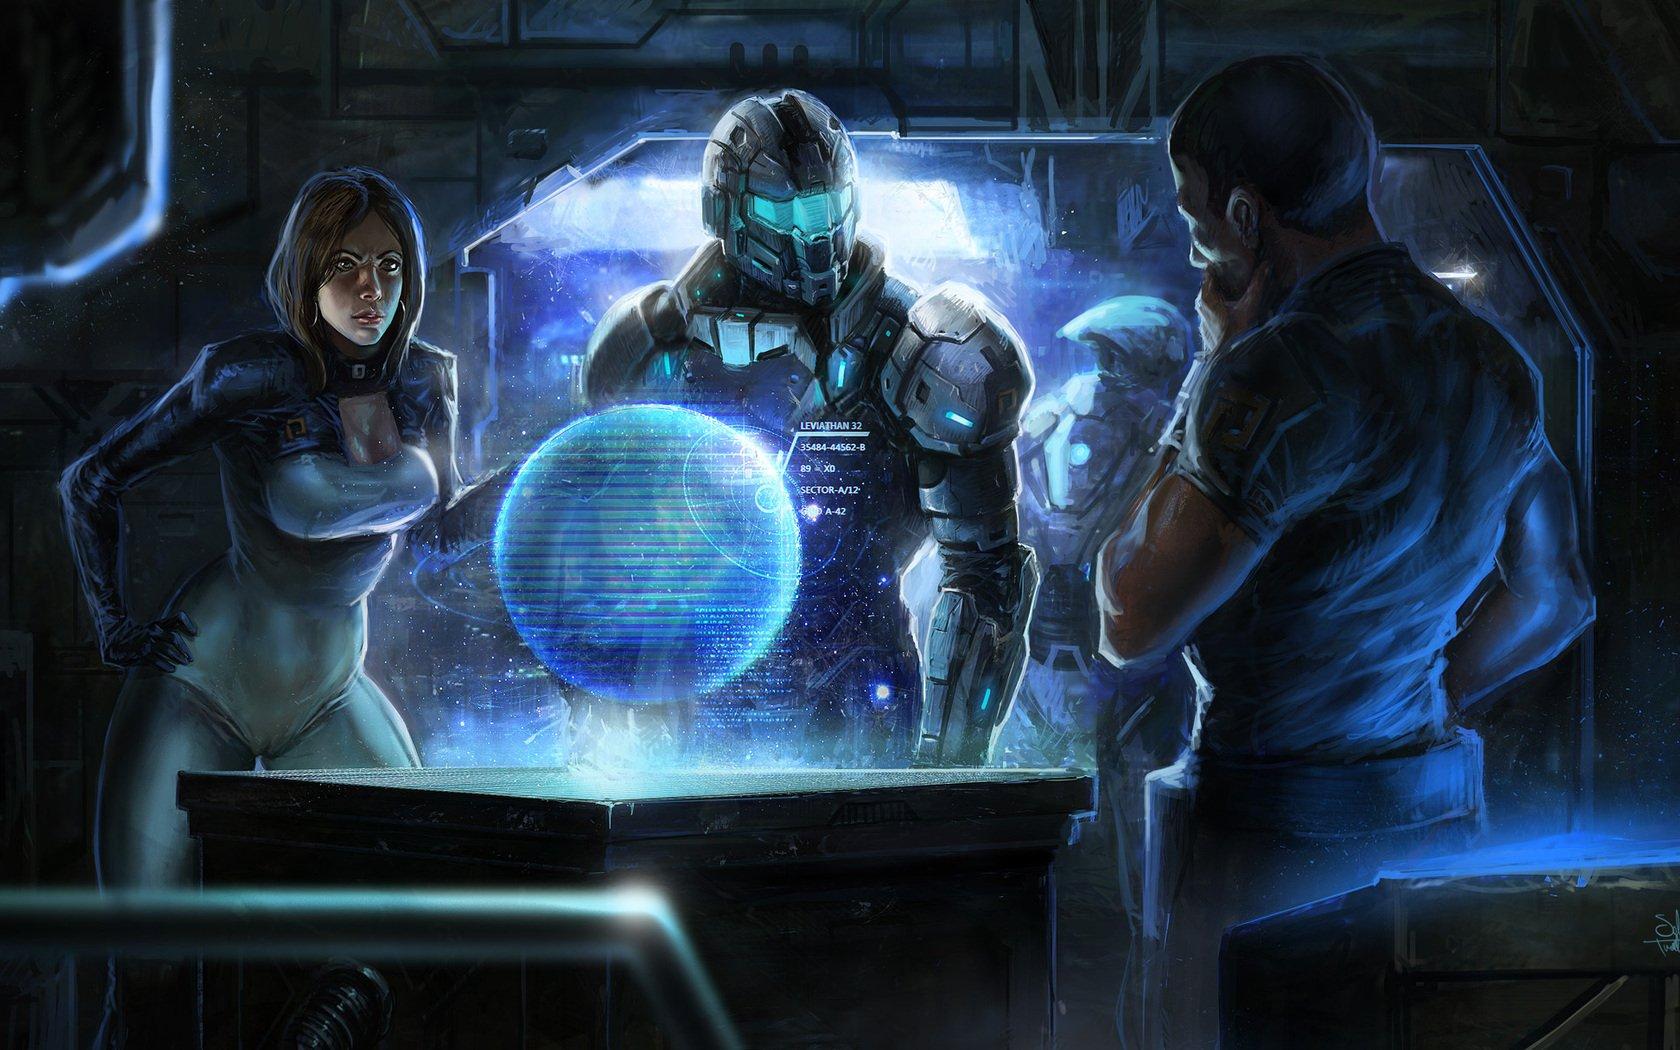 Mass Effect 4 десять вещей, которые хотелось бы увидеть - Изображение 1